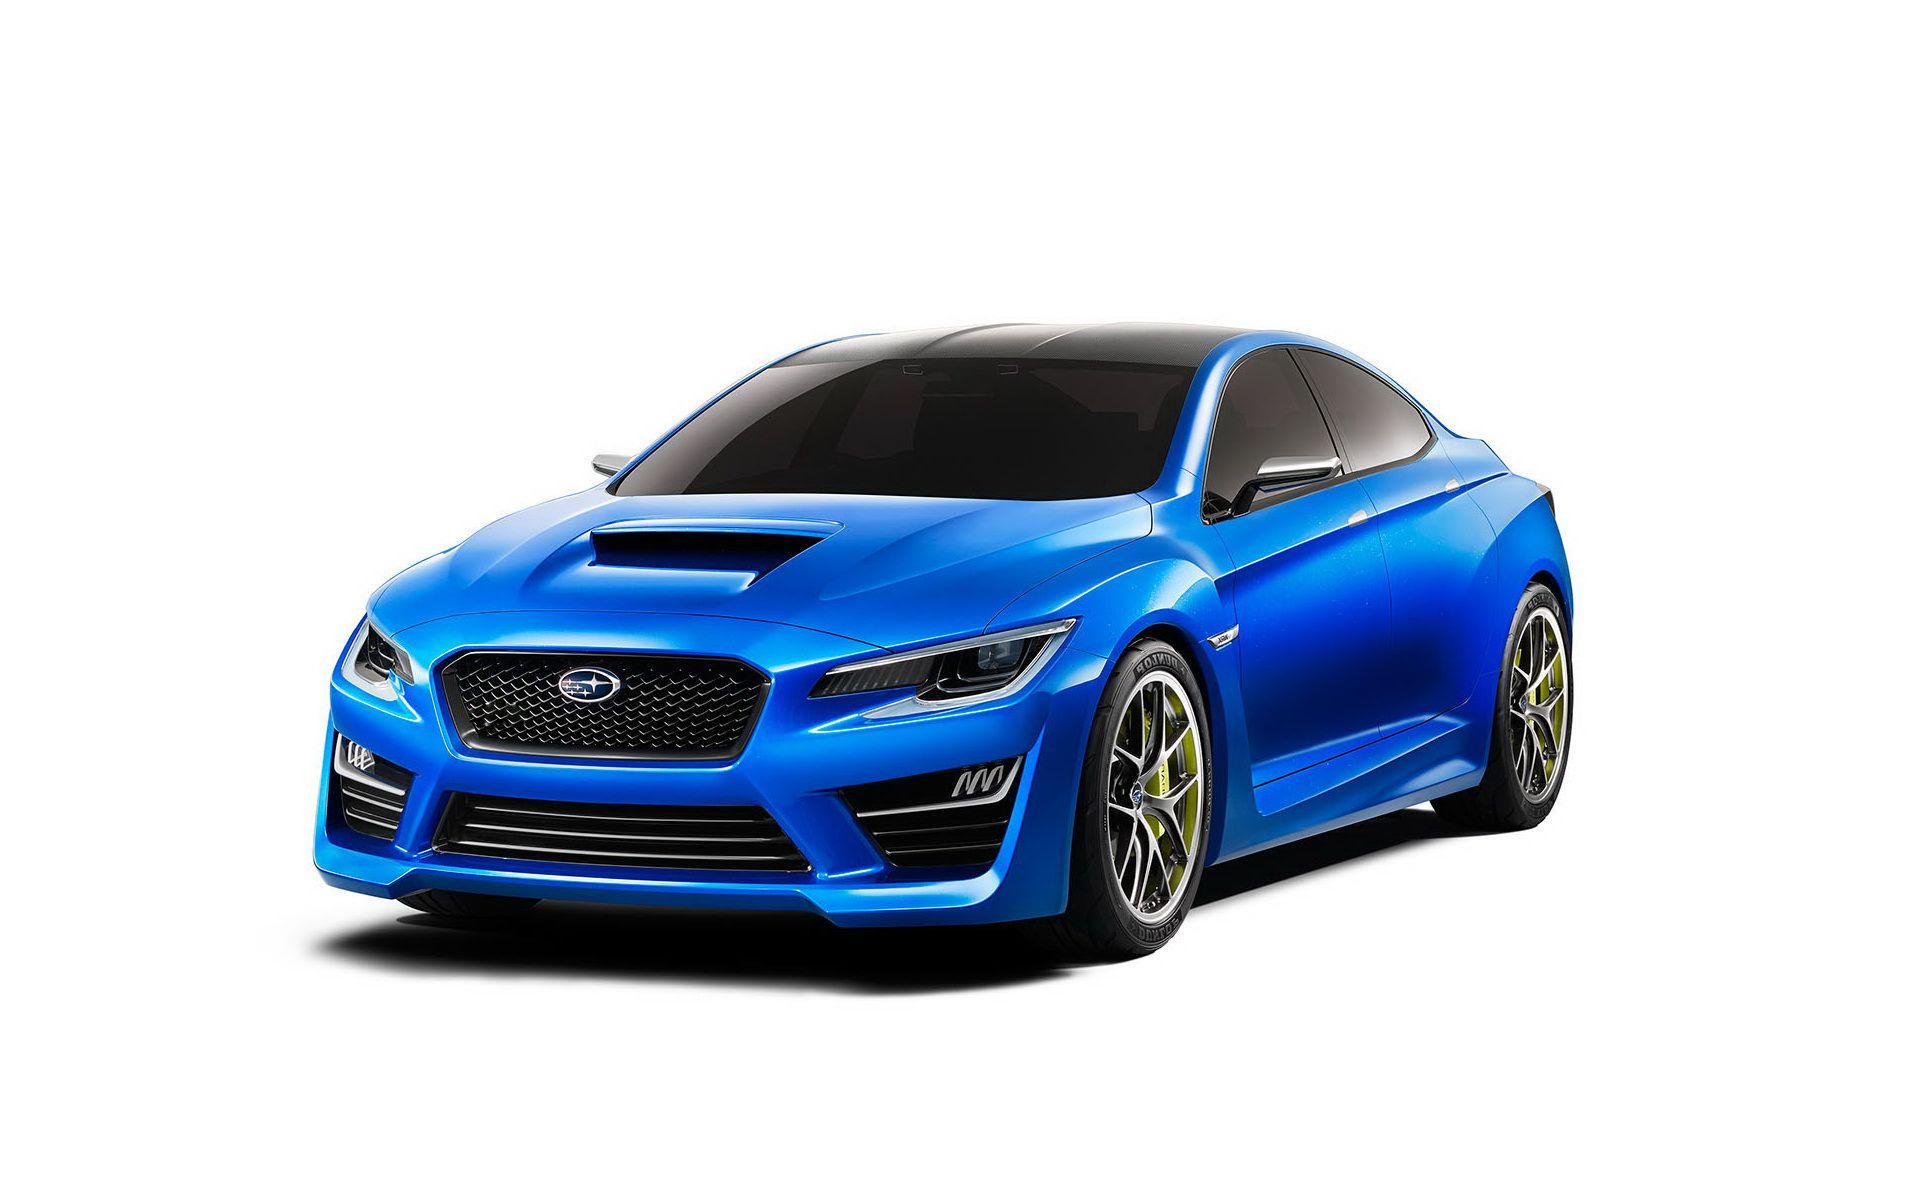 Subaru wrx concept wallpaper hd